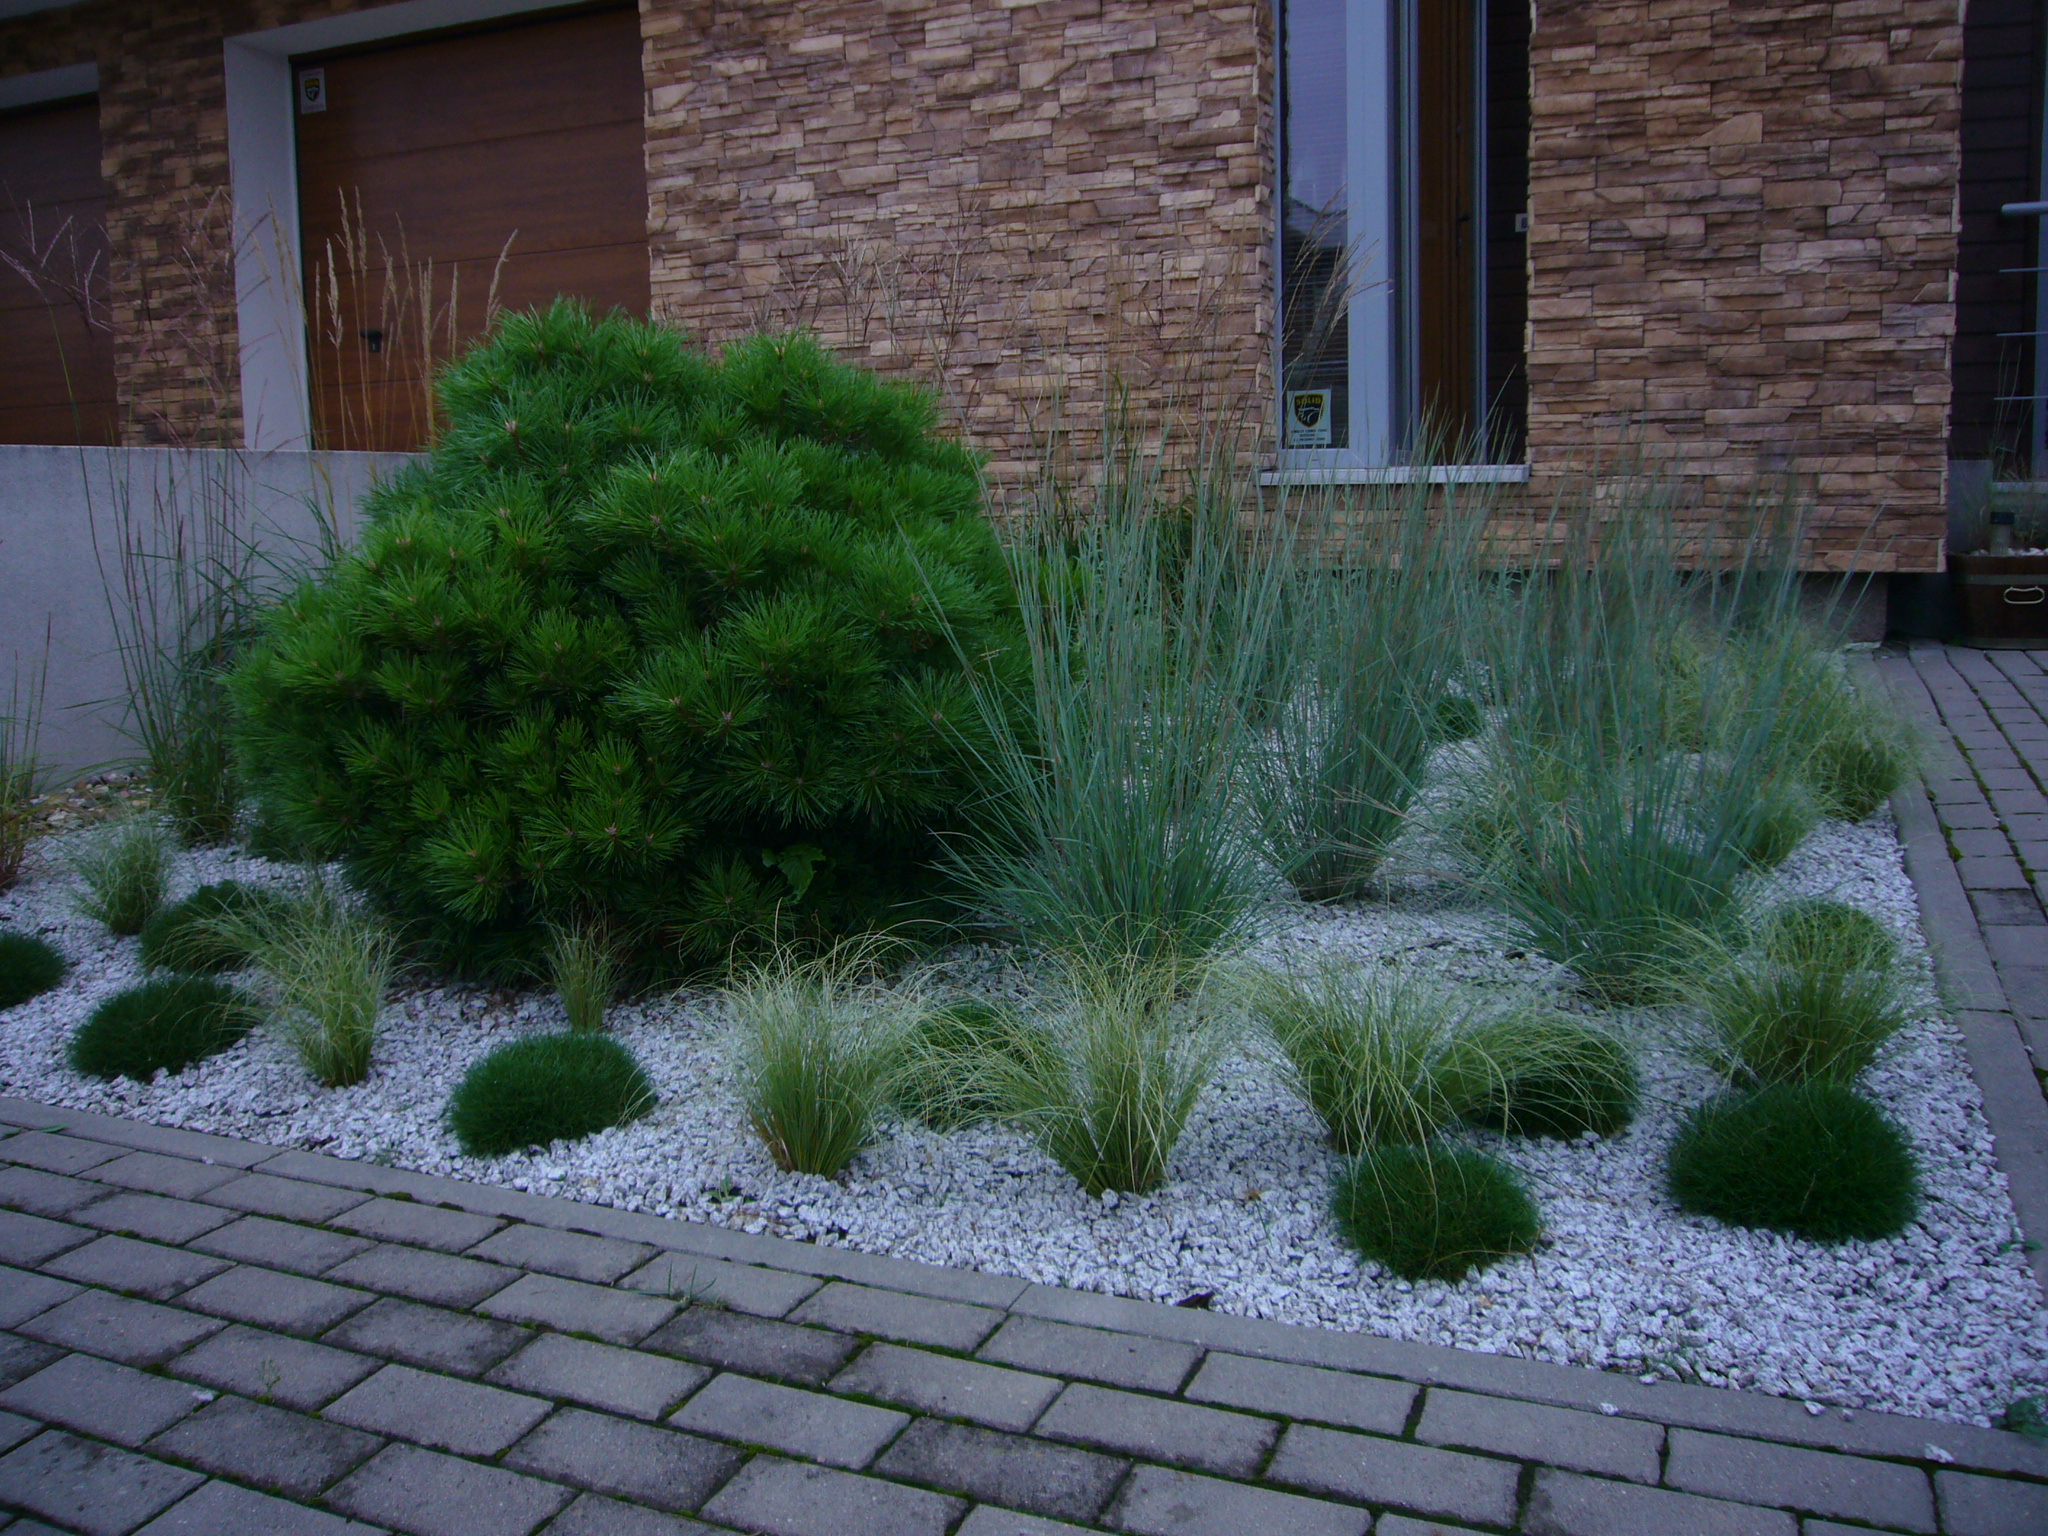 realizacje ogrodów - rabata traw w ogrodzie frontowym